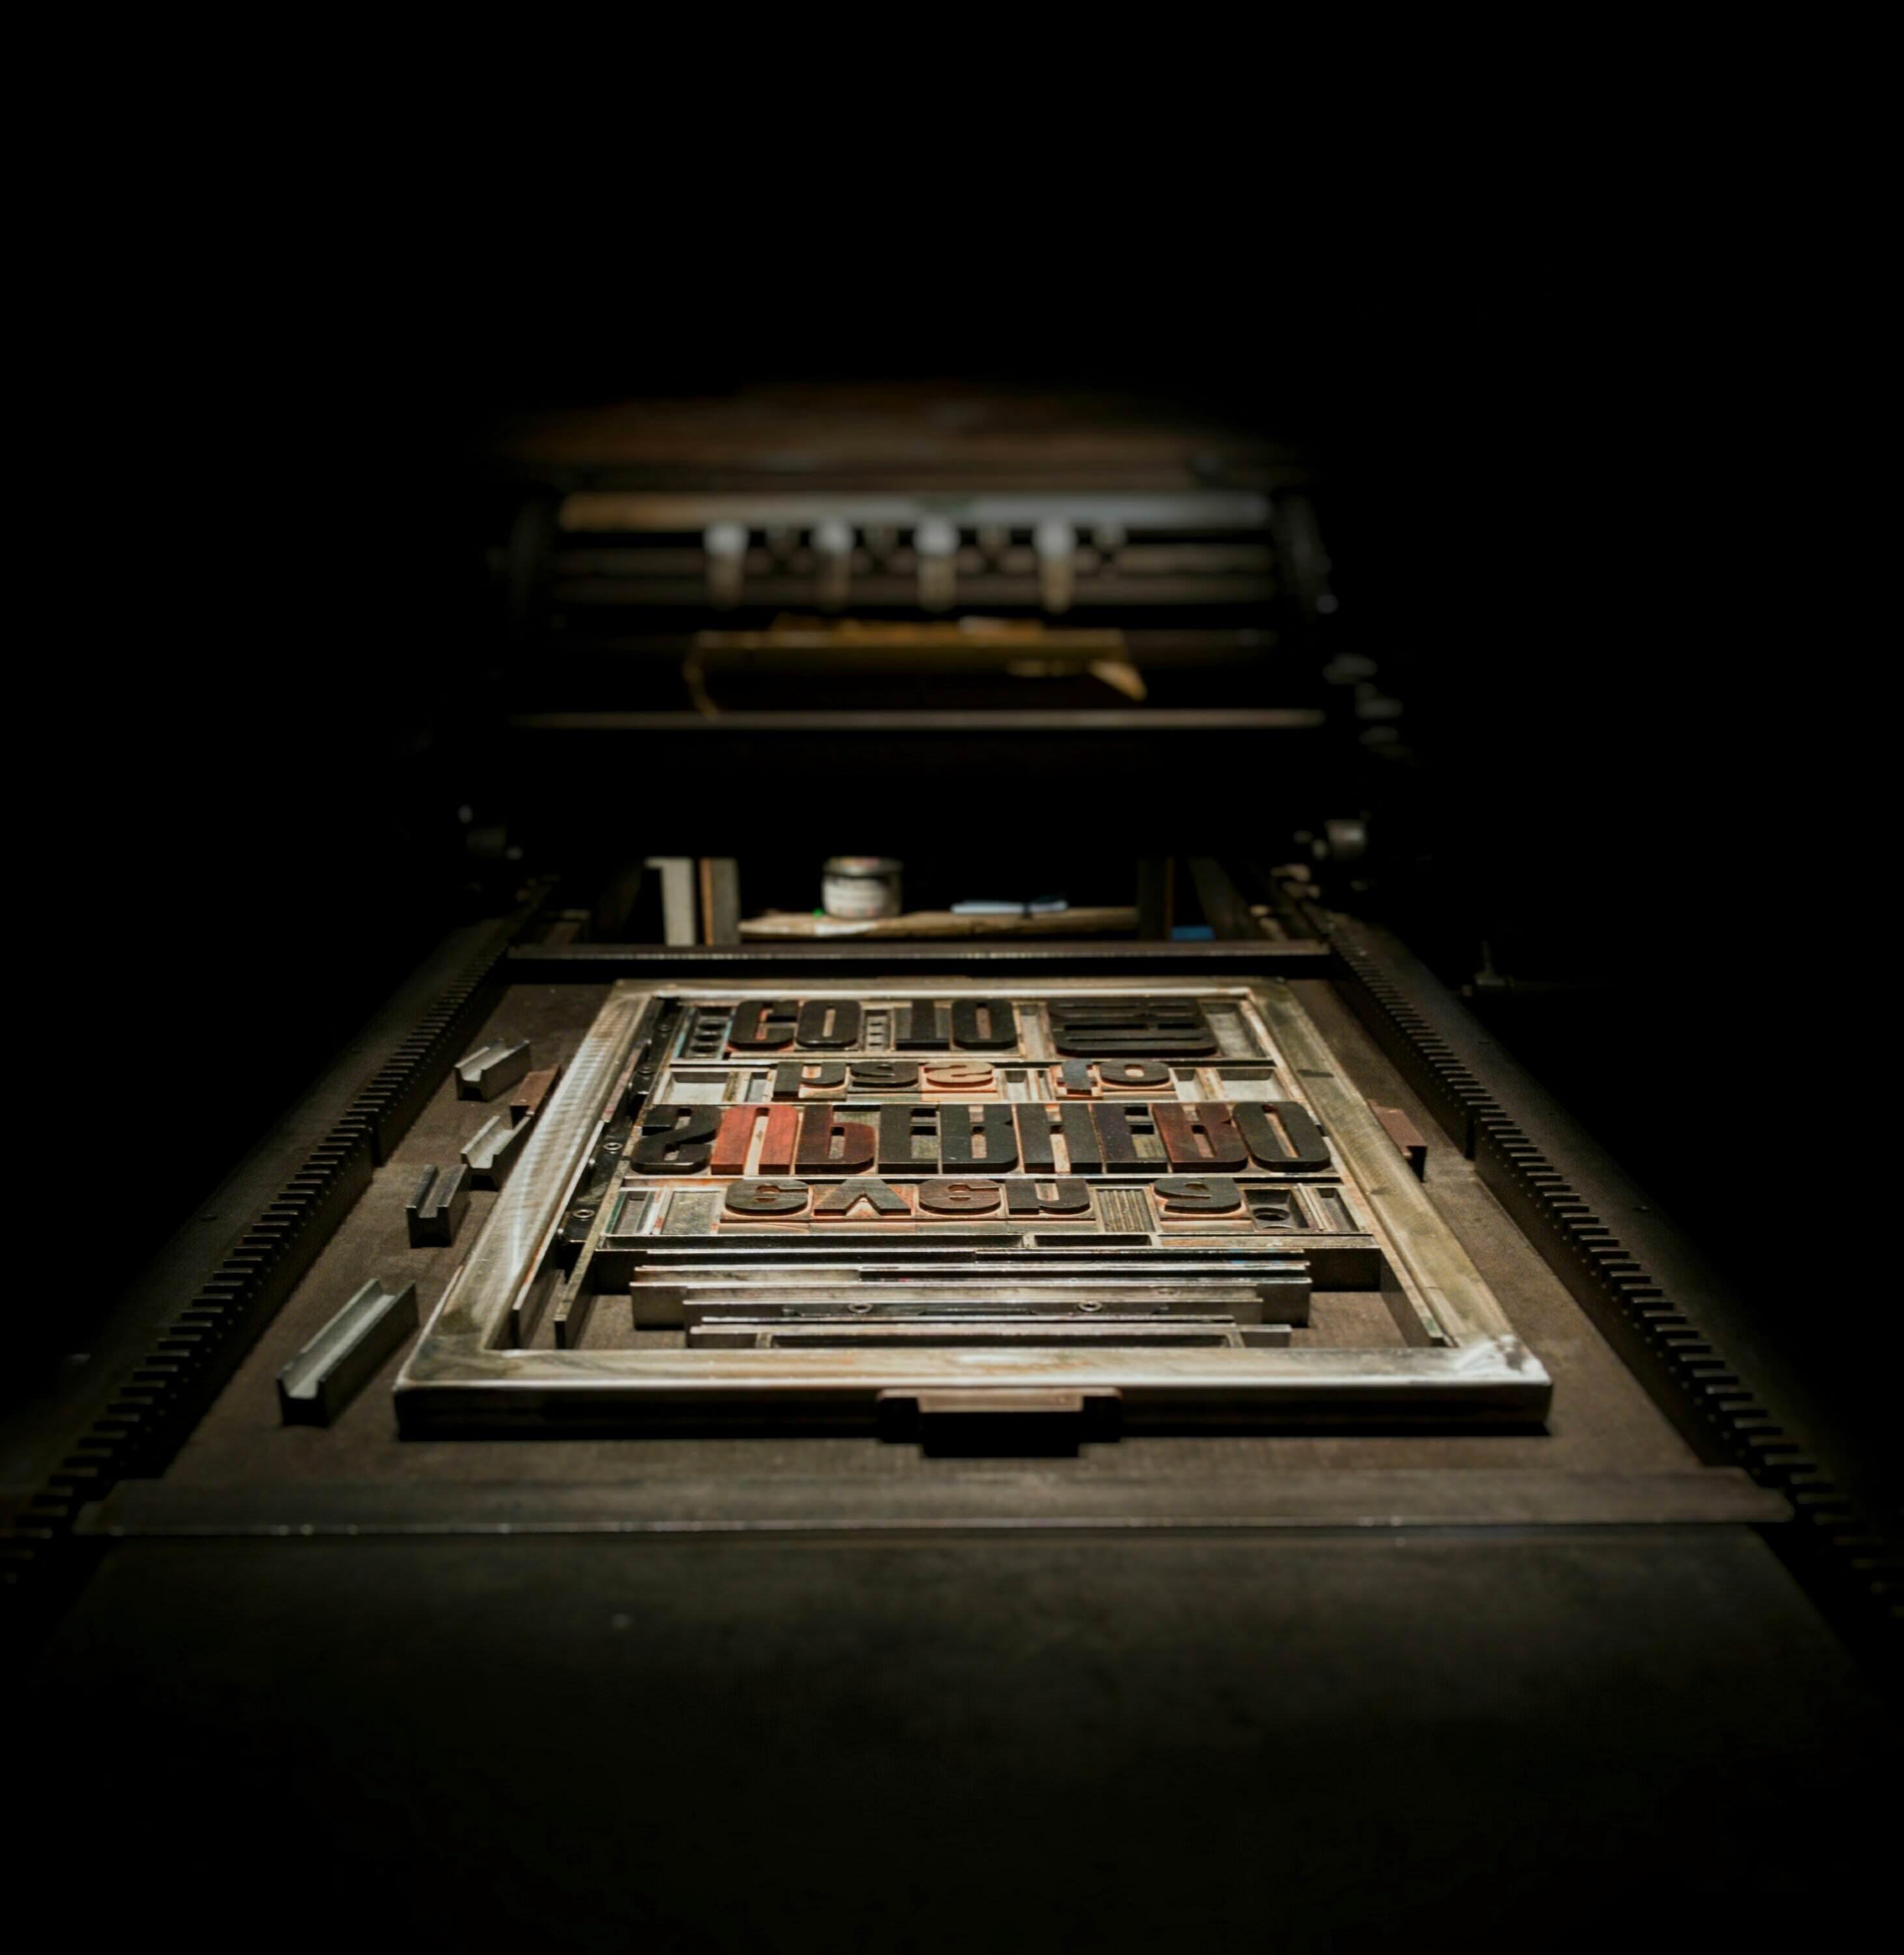 Fotos gratis : tecnología, número, marco, oscuridad, industria ...